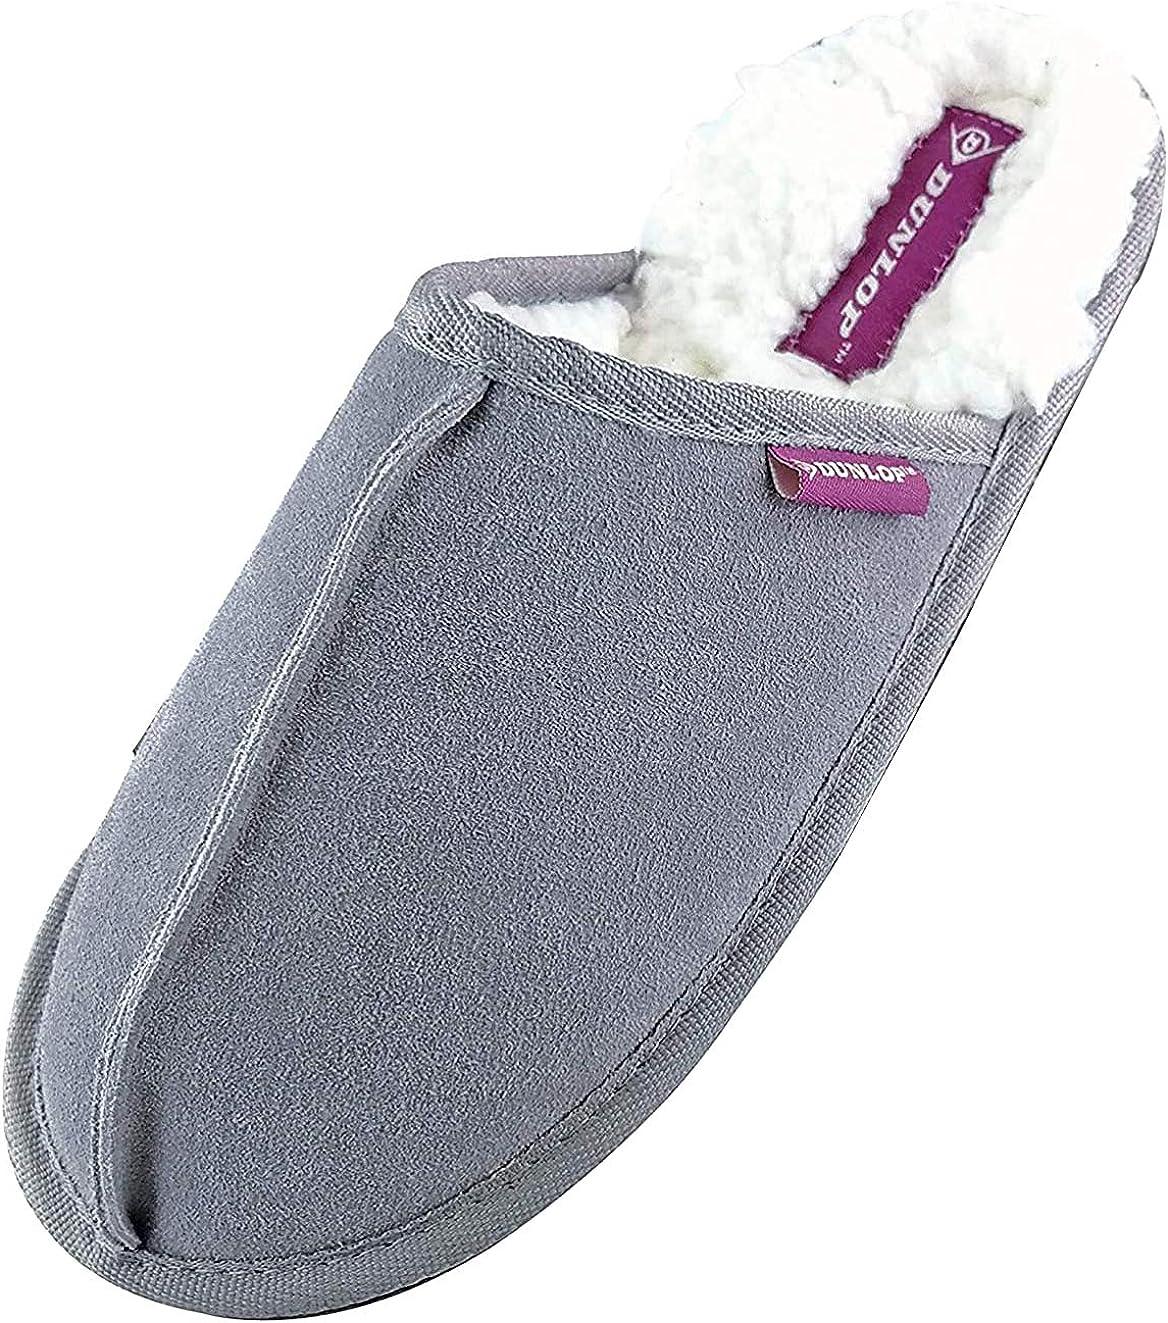 New Womens Dunlop White Margo Textile Slippers Pull On Slip On